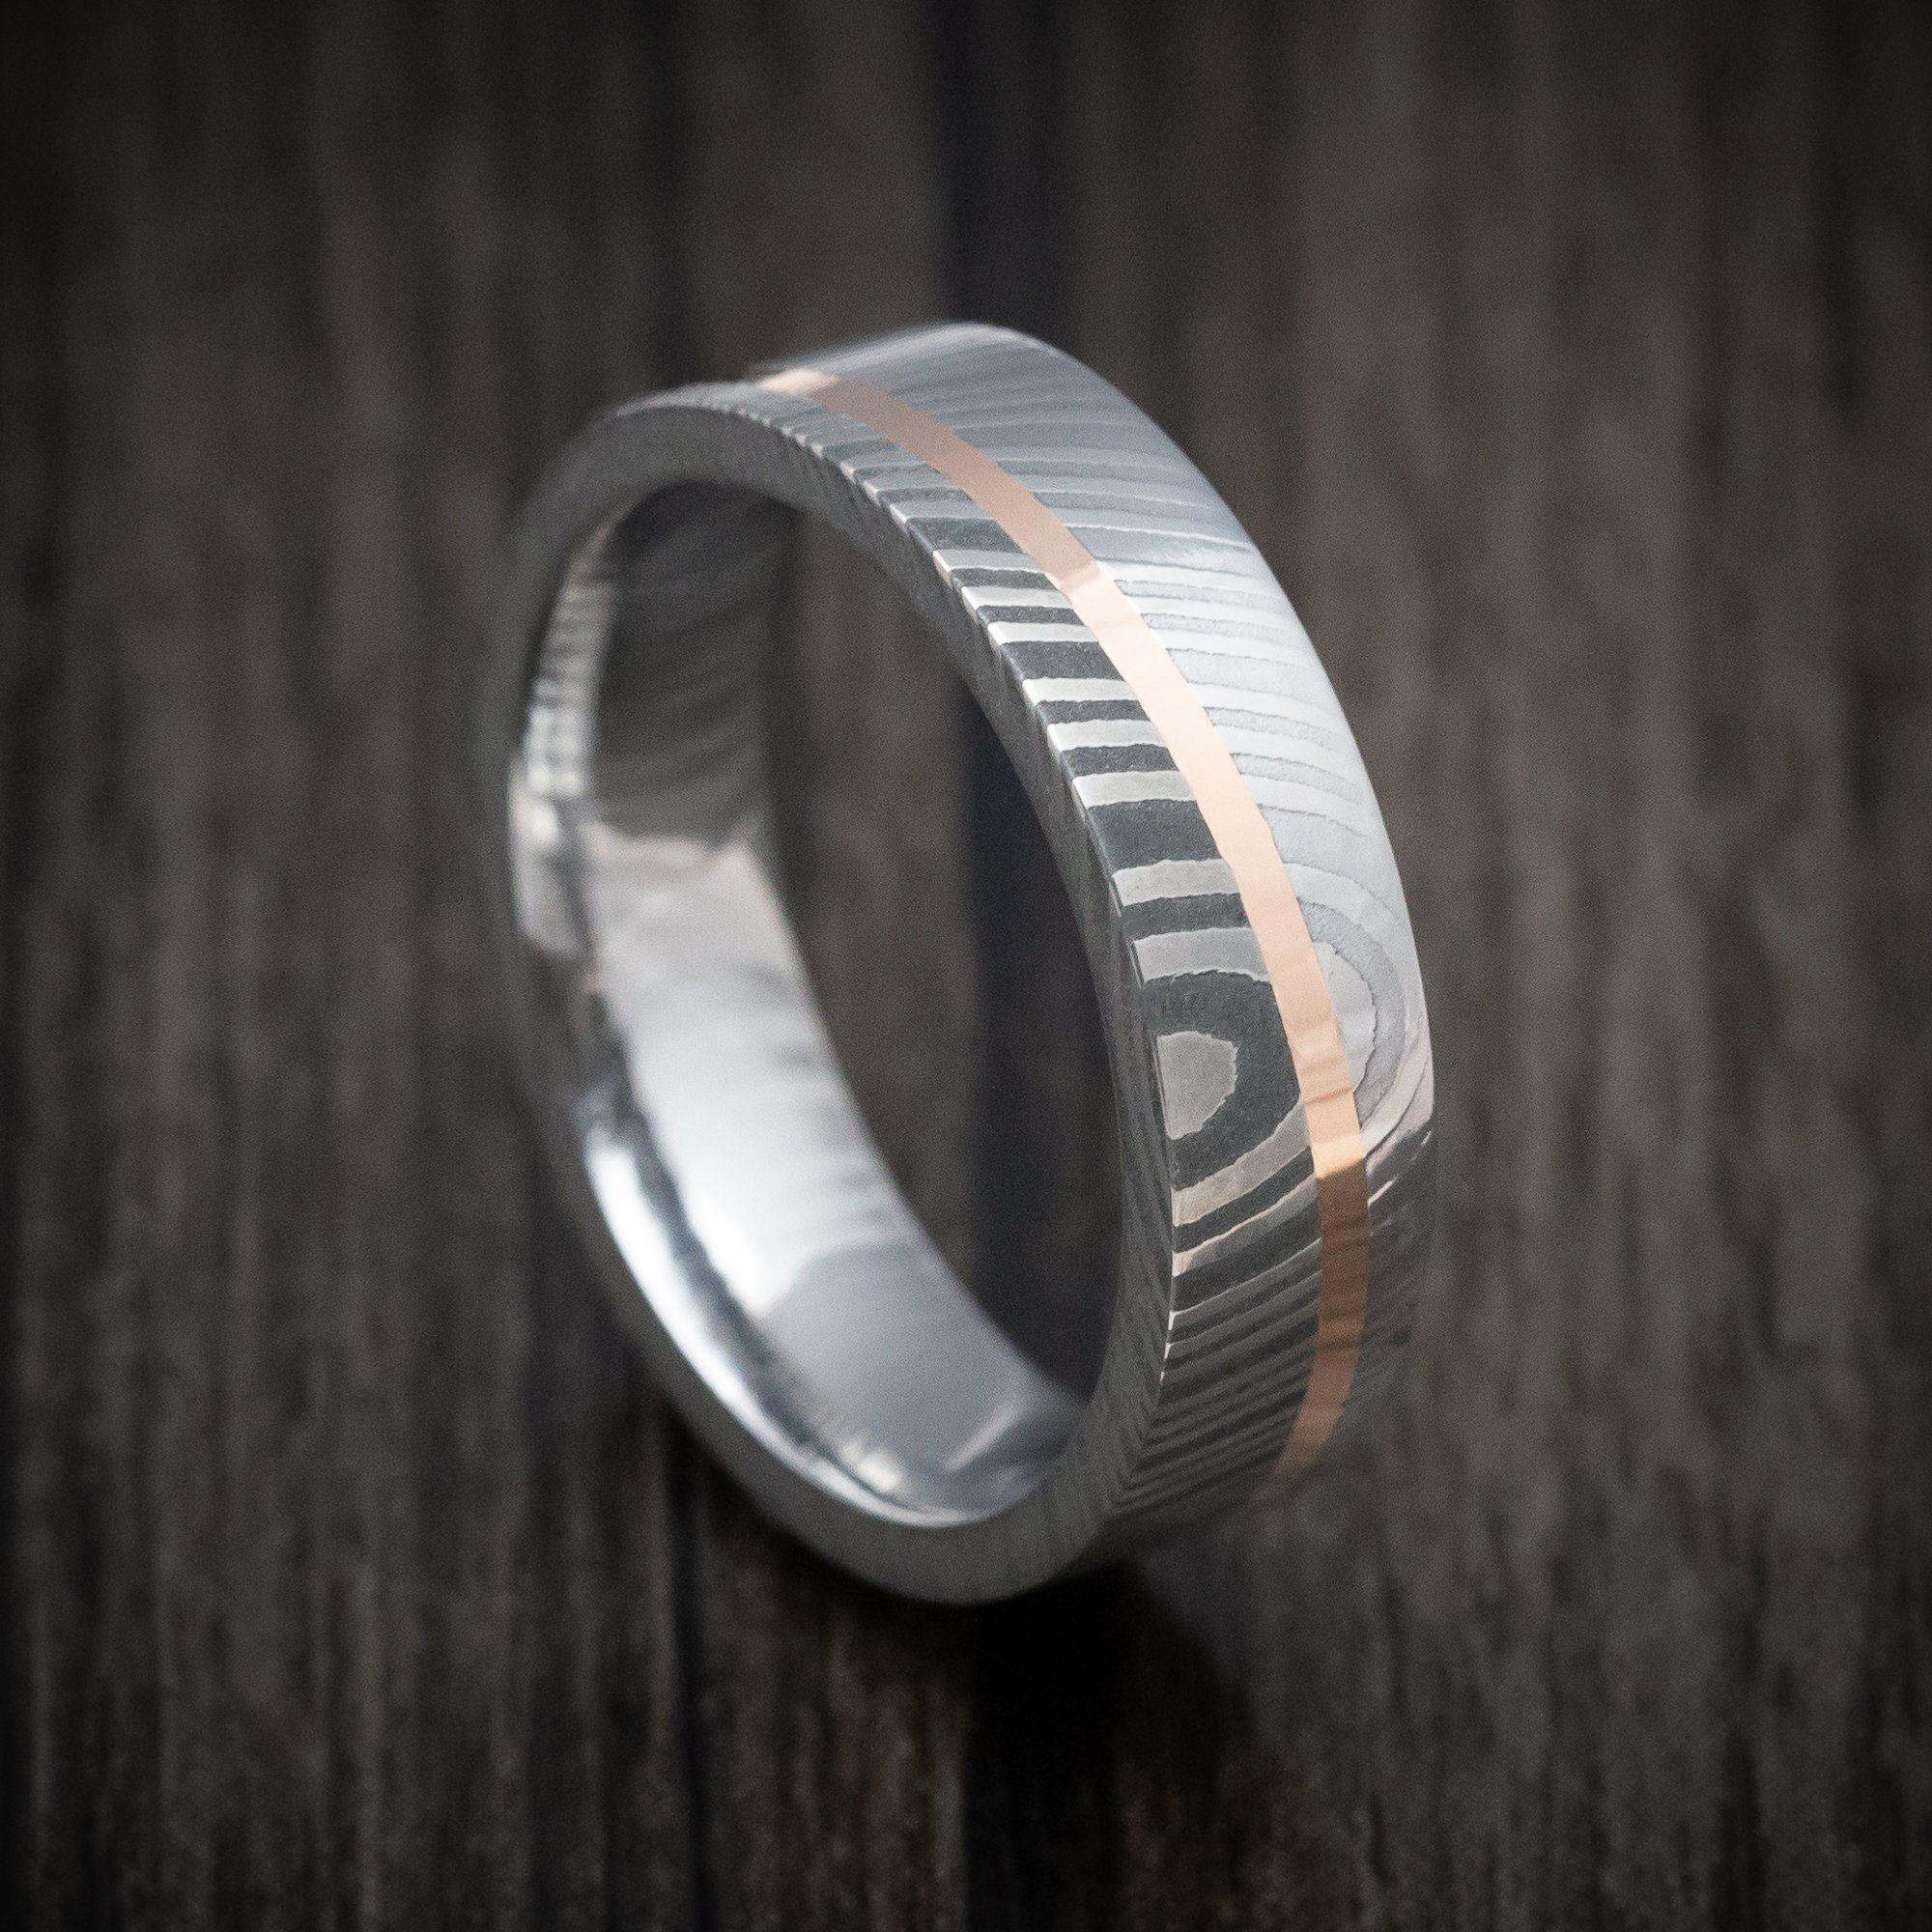 Damascus Steel Diagonal 14k Gold Ring Wedding Band Custom Made In 2020 Gold Band Wedding Ring Wedding Ring Bands Damascus Steel Ring